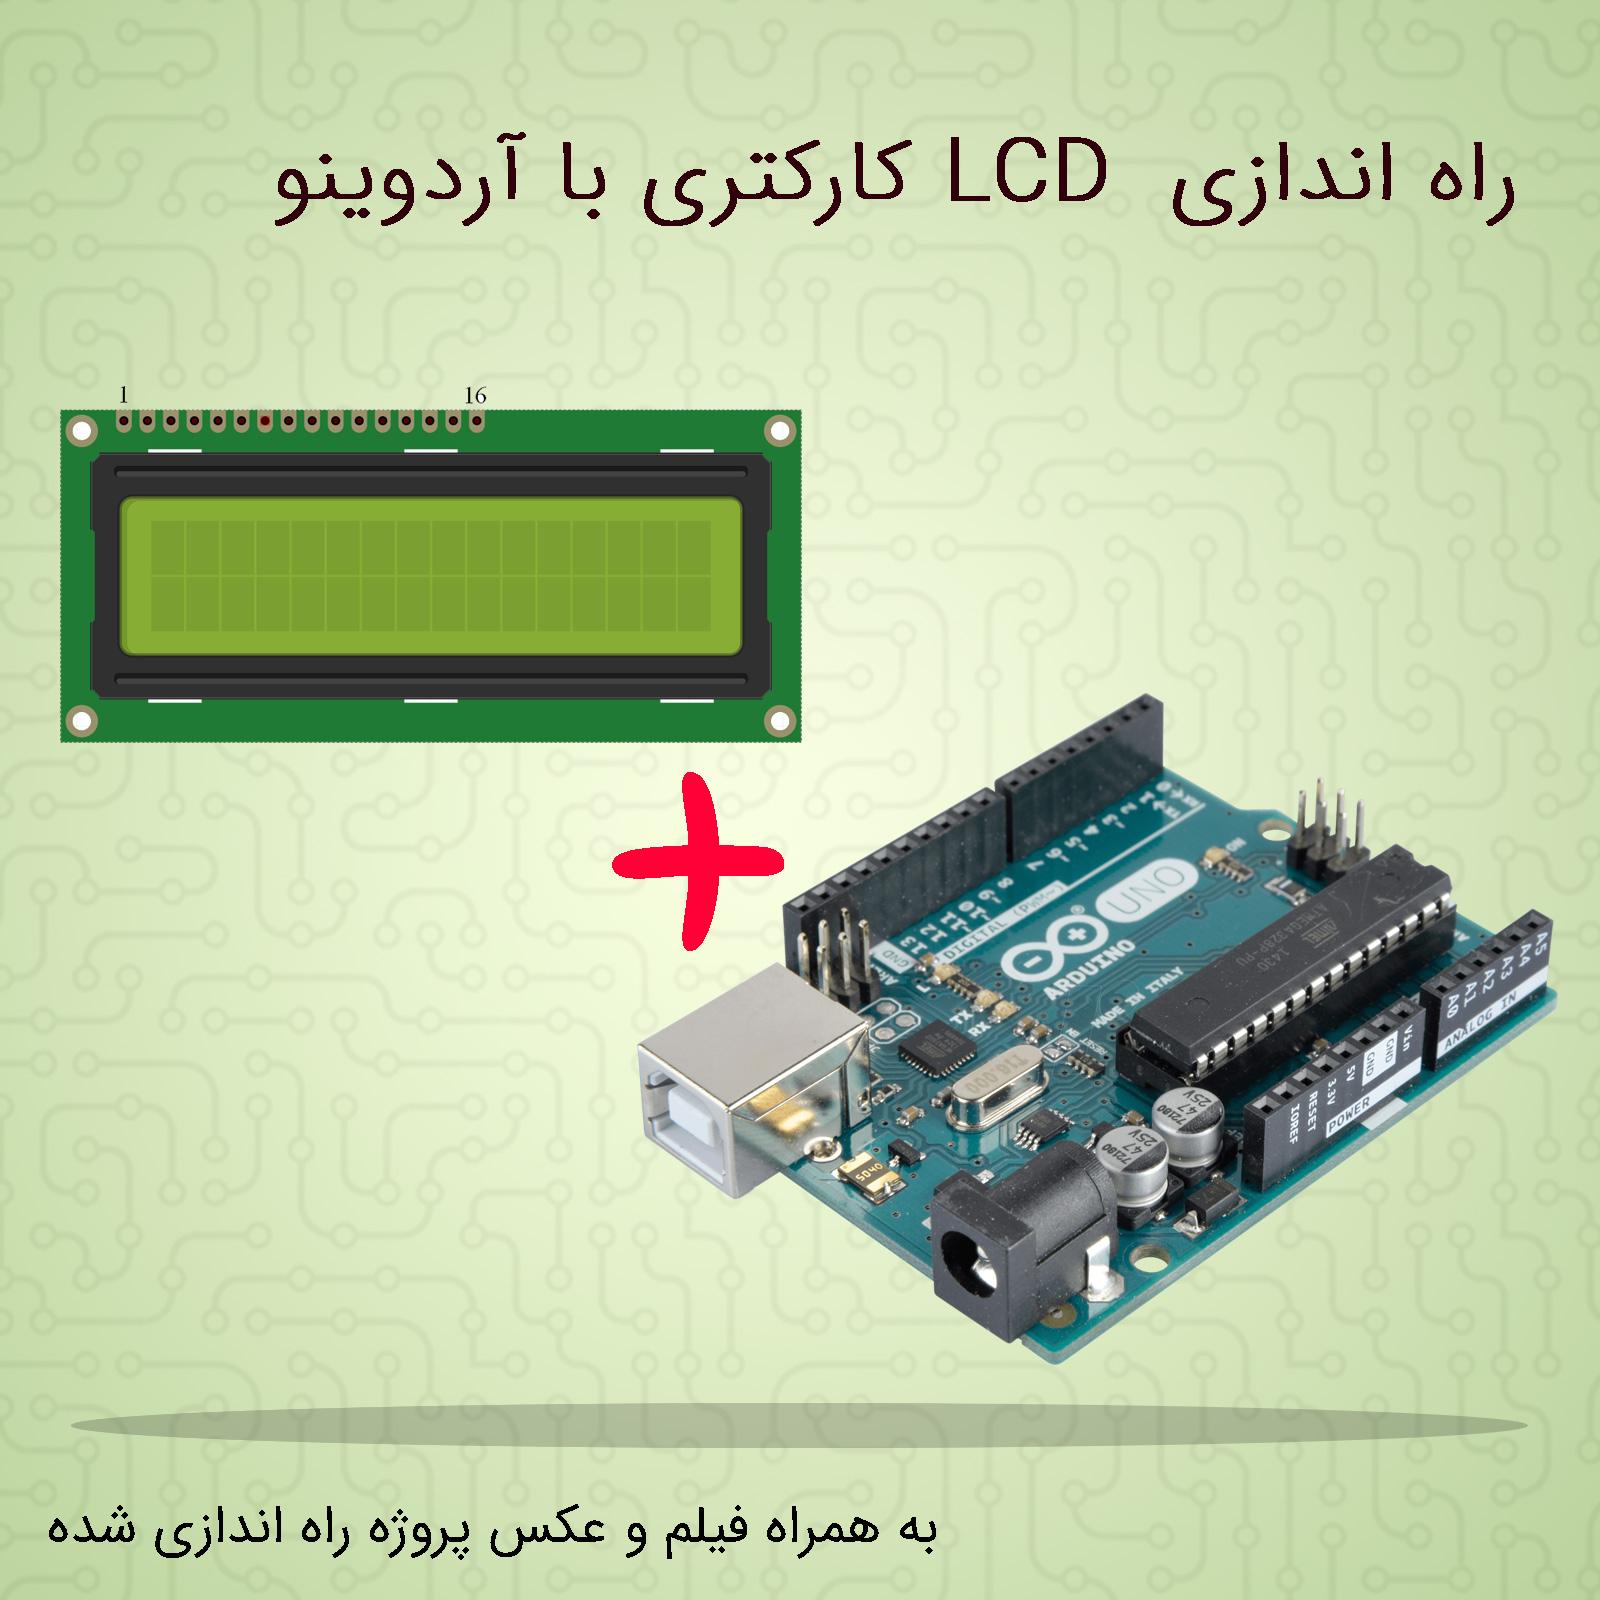 راه اندازی Lcd کاراکتری (162) با آردوینو